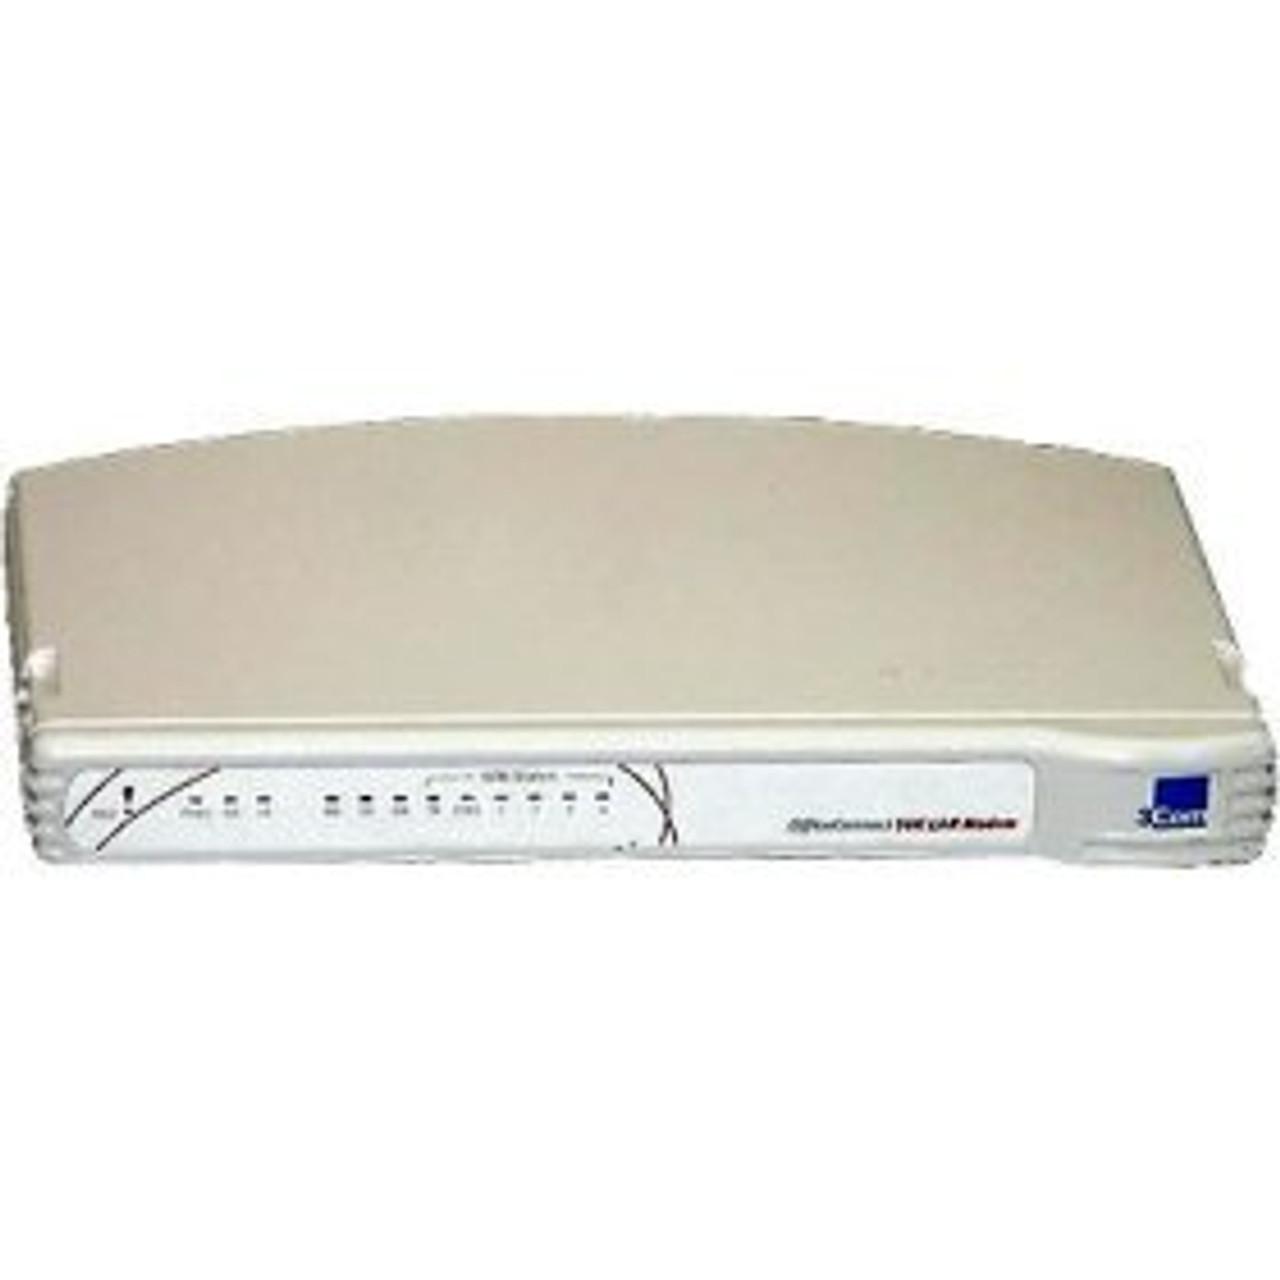 3Com 3c886a OfficeConnect 56k LAN Modem